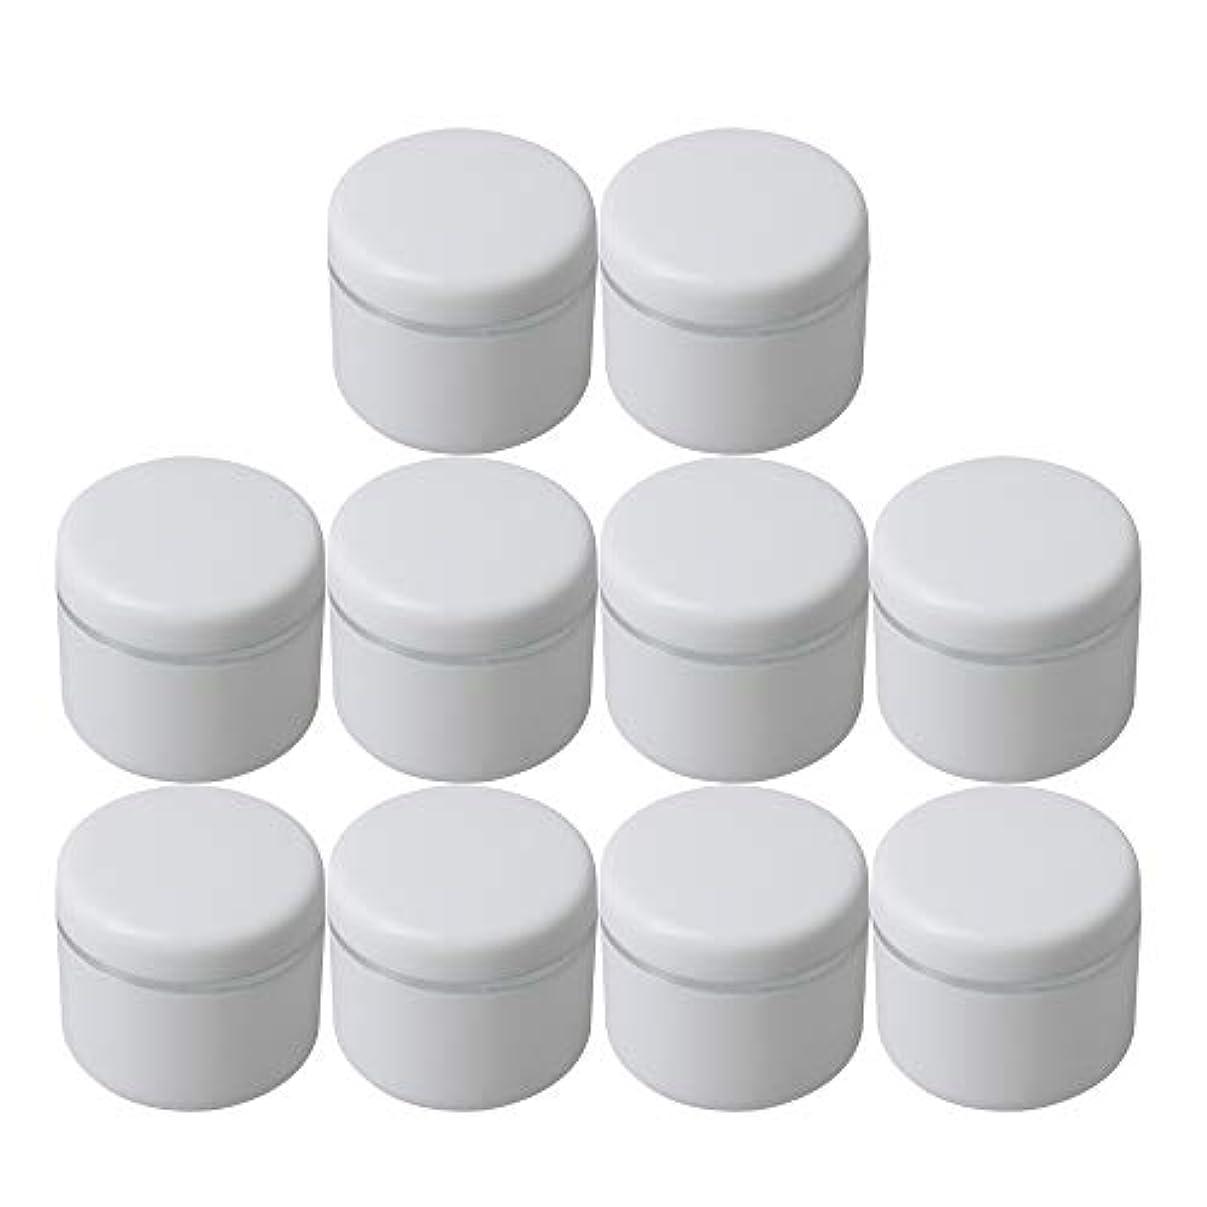 昨日証言する疑いDiystyle 10個入 クリームケース 空ポット 空容器 化粧品用 30g 詰替え ホワイト